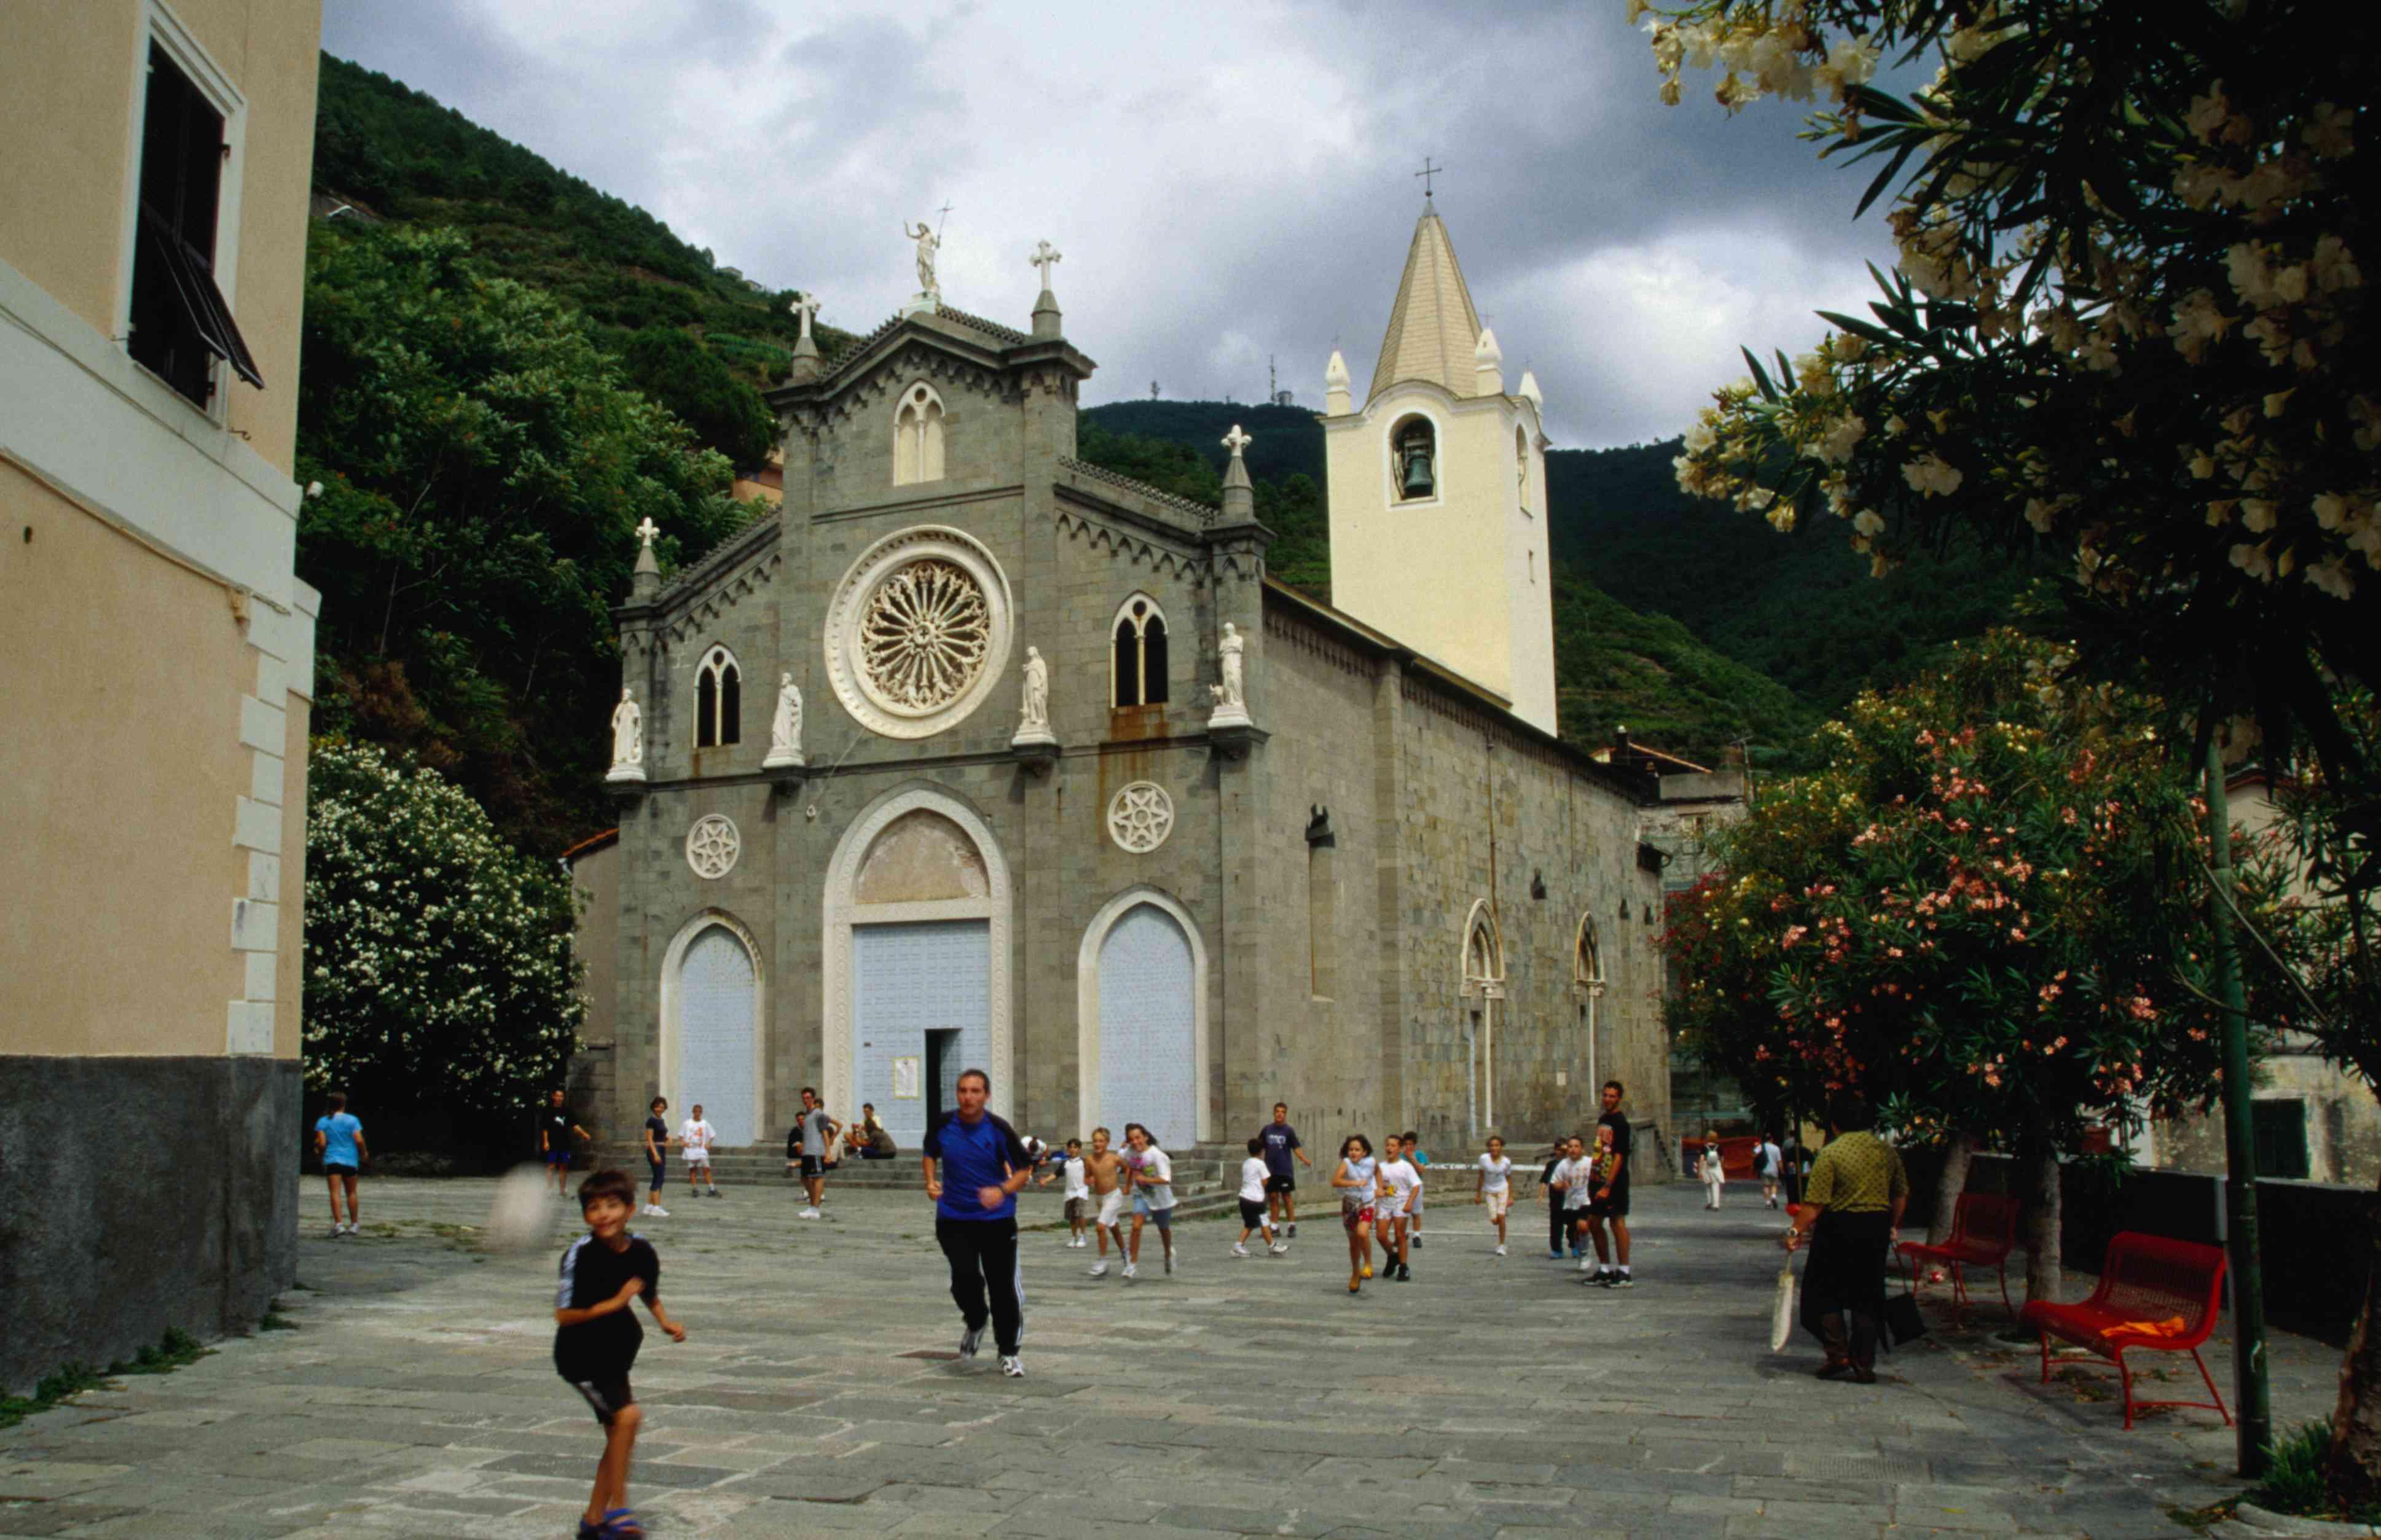 Kids playing in front of San Giovanni Battista church, Riomaggiore